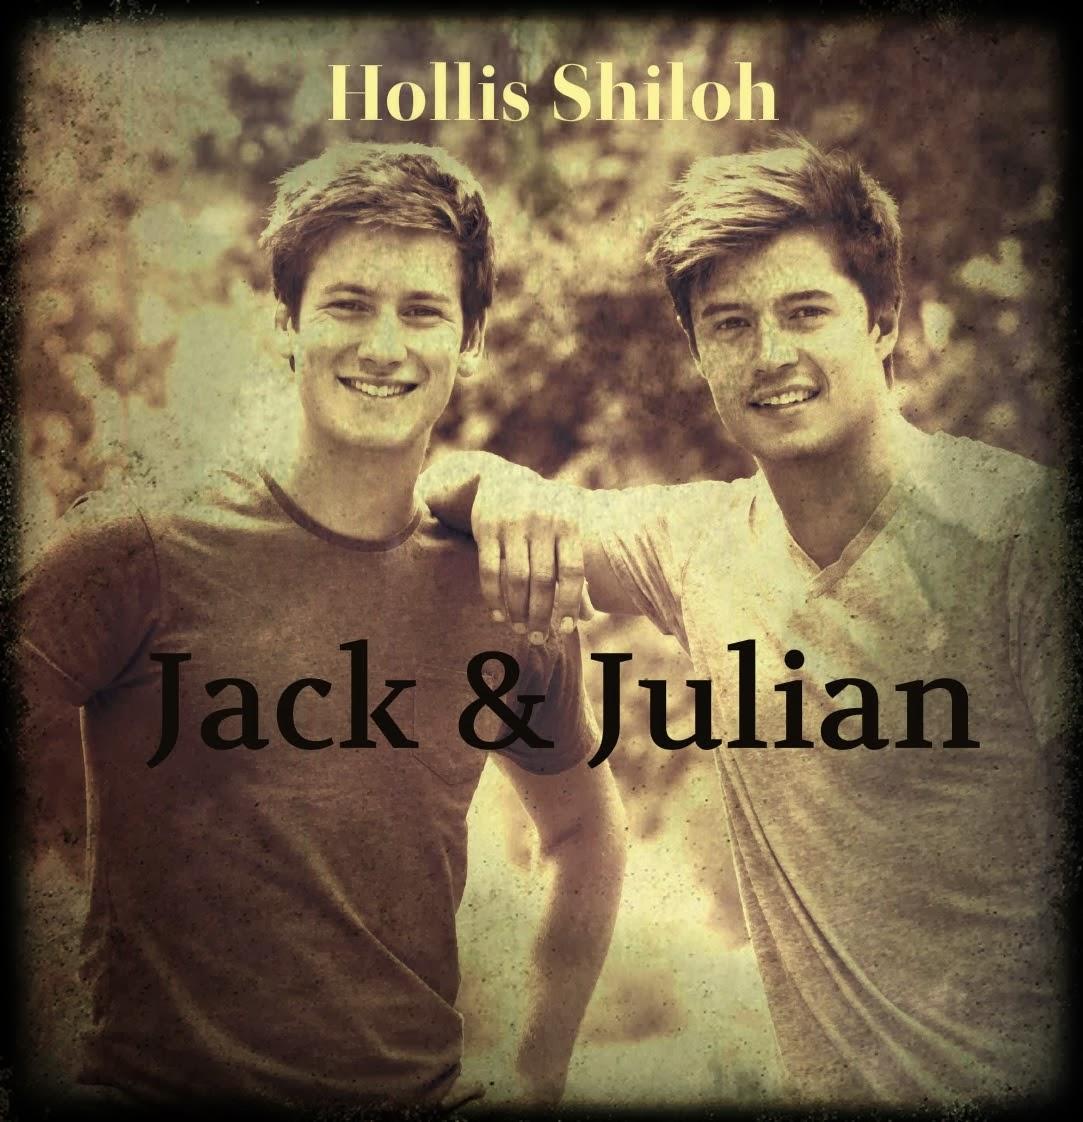 Jack & Julian